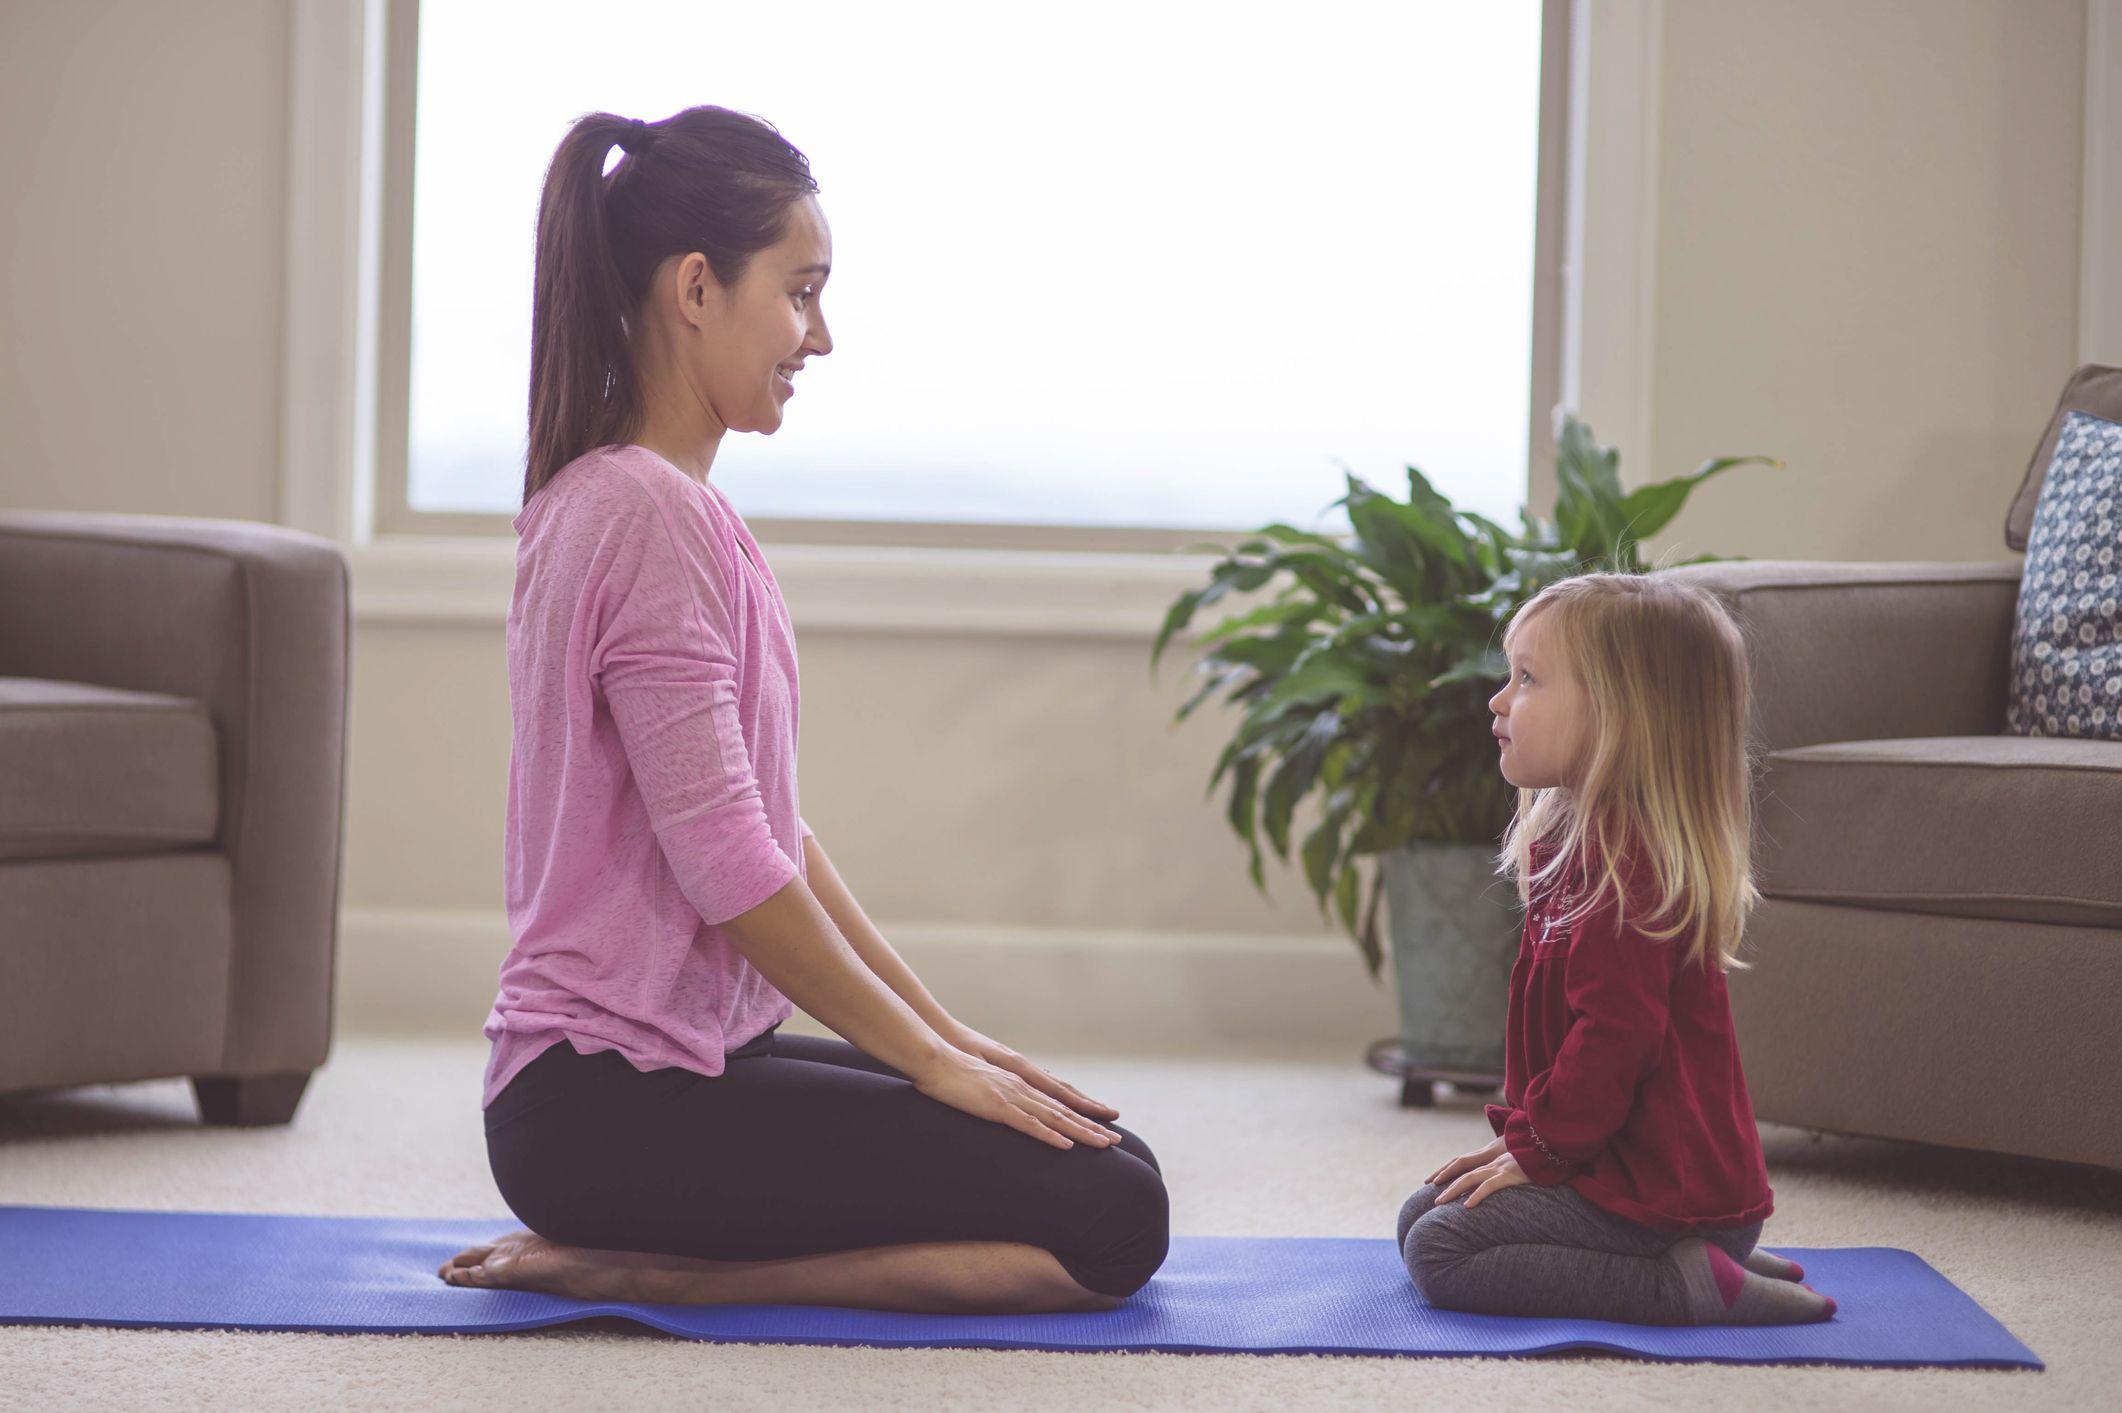 Todo el mundo puede practicar mindfulness.